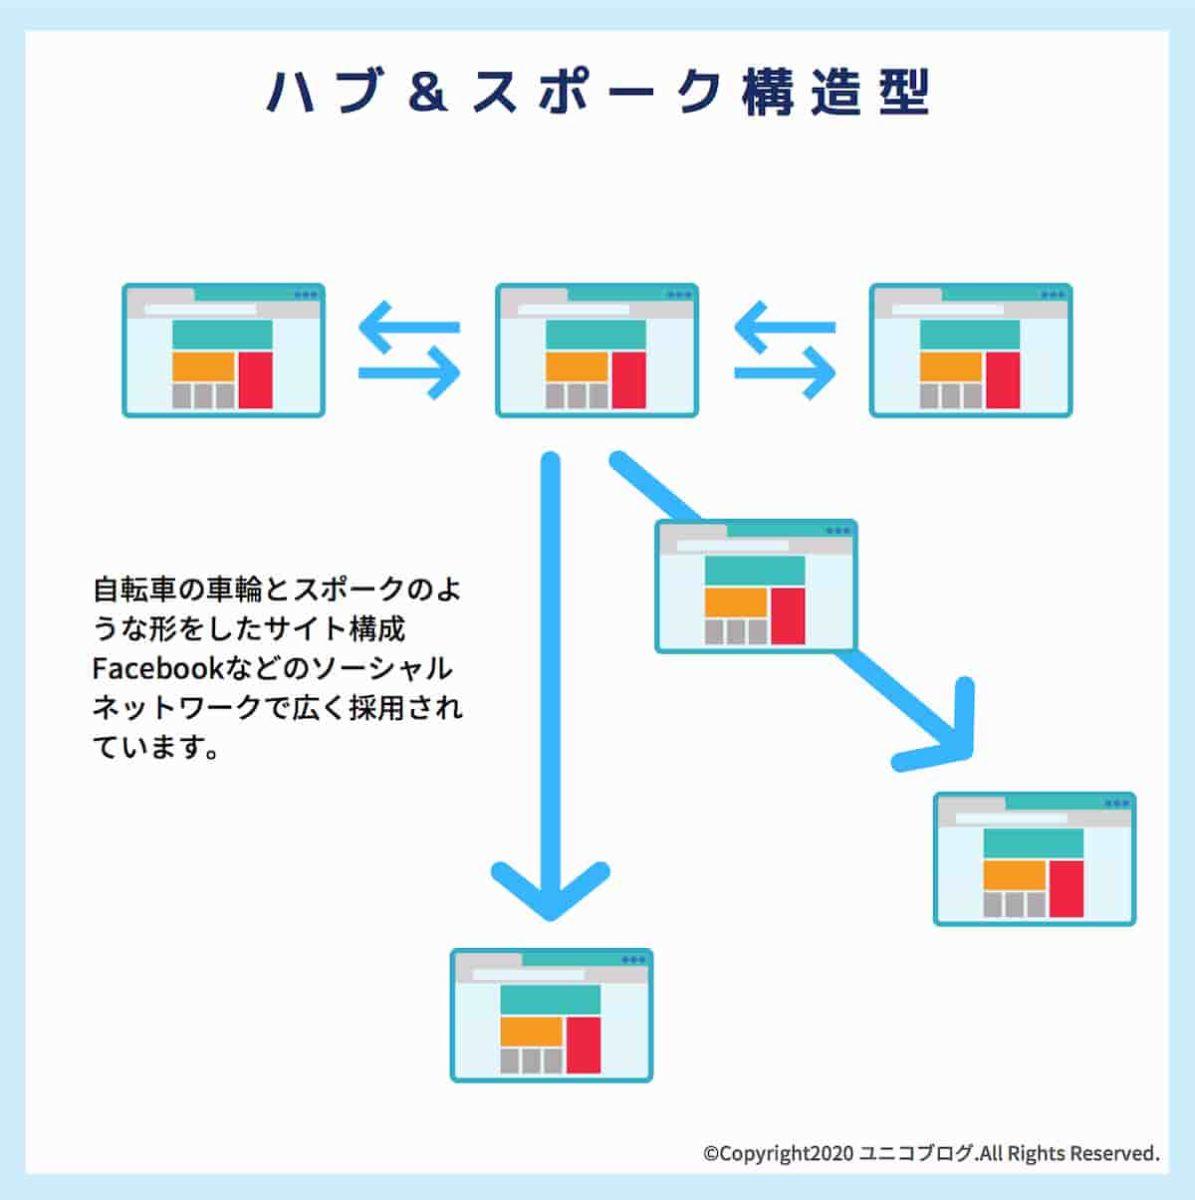 ハブ&スポーク型構造のWebサイトを説明した設計図面画像